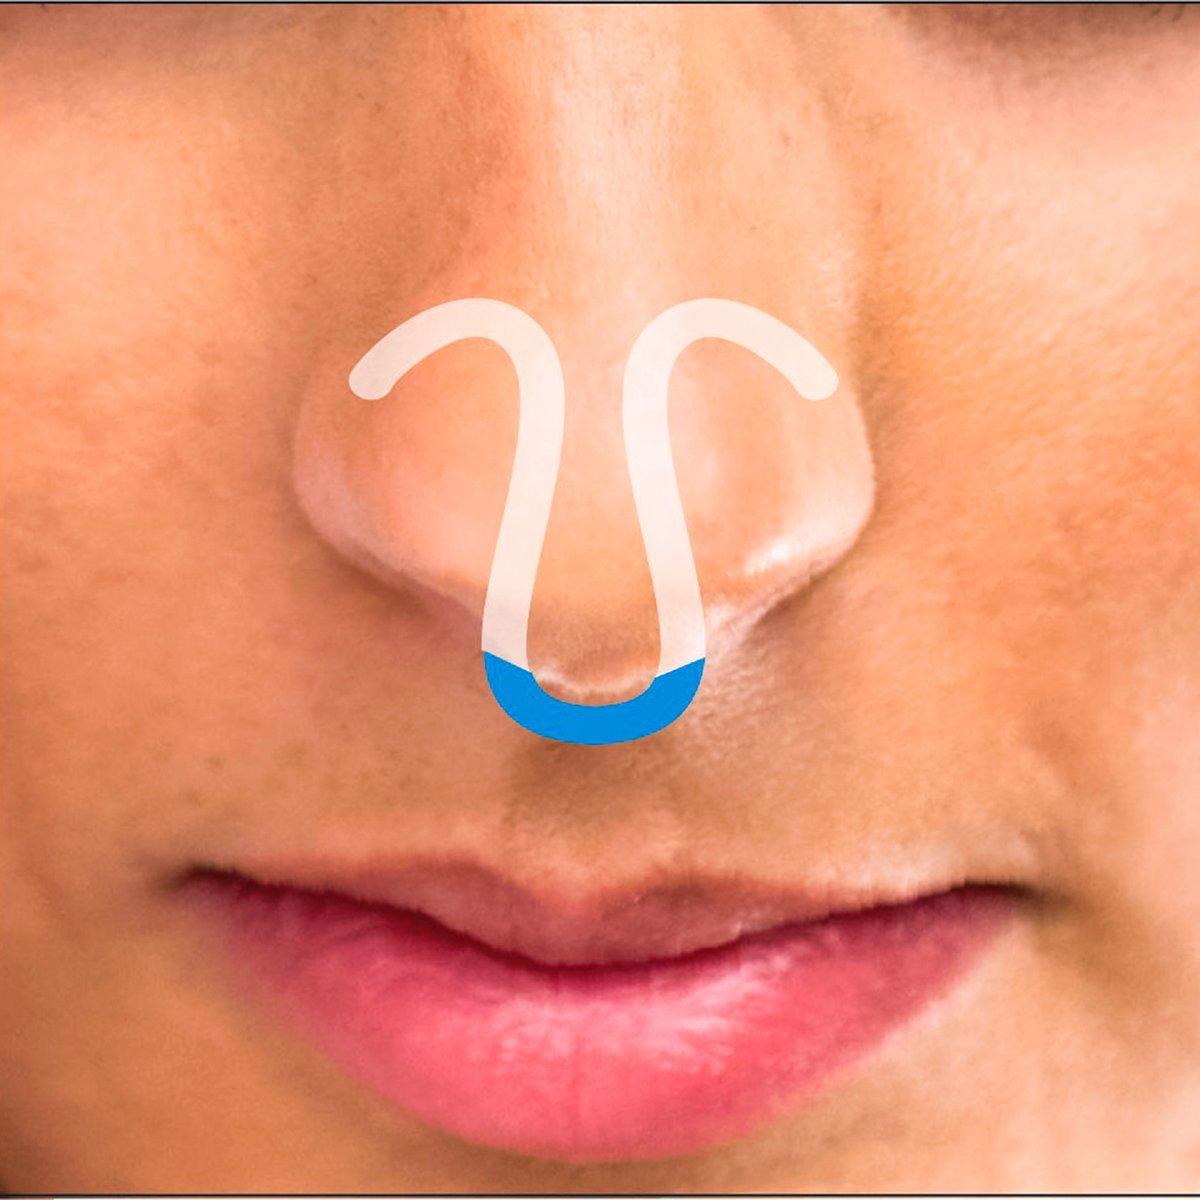 ClipAir® Sport - Dilatador nasal interno para deportistas - Mejor respiración en el deporte: Amazon.es: Salud y cuidado personal